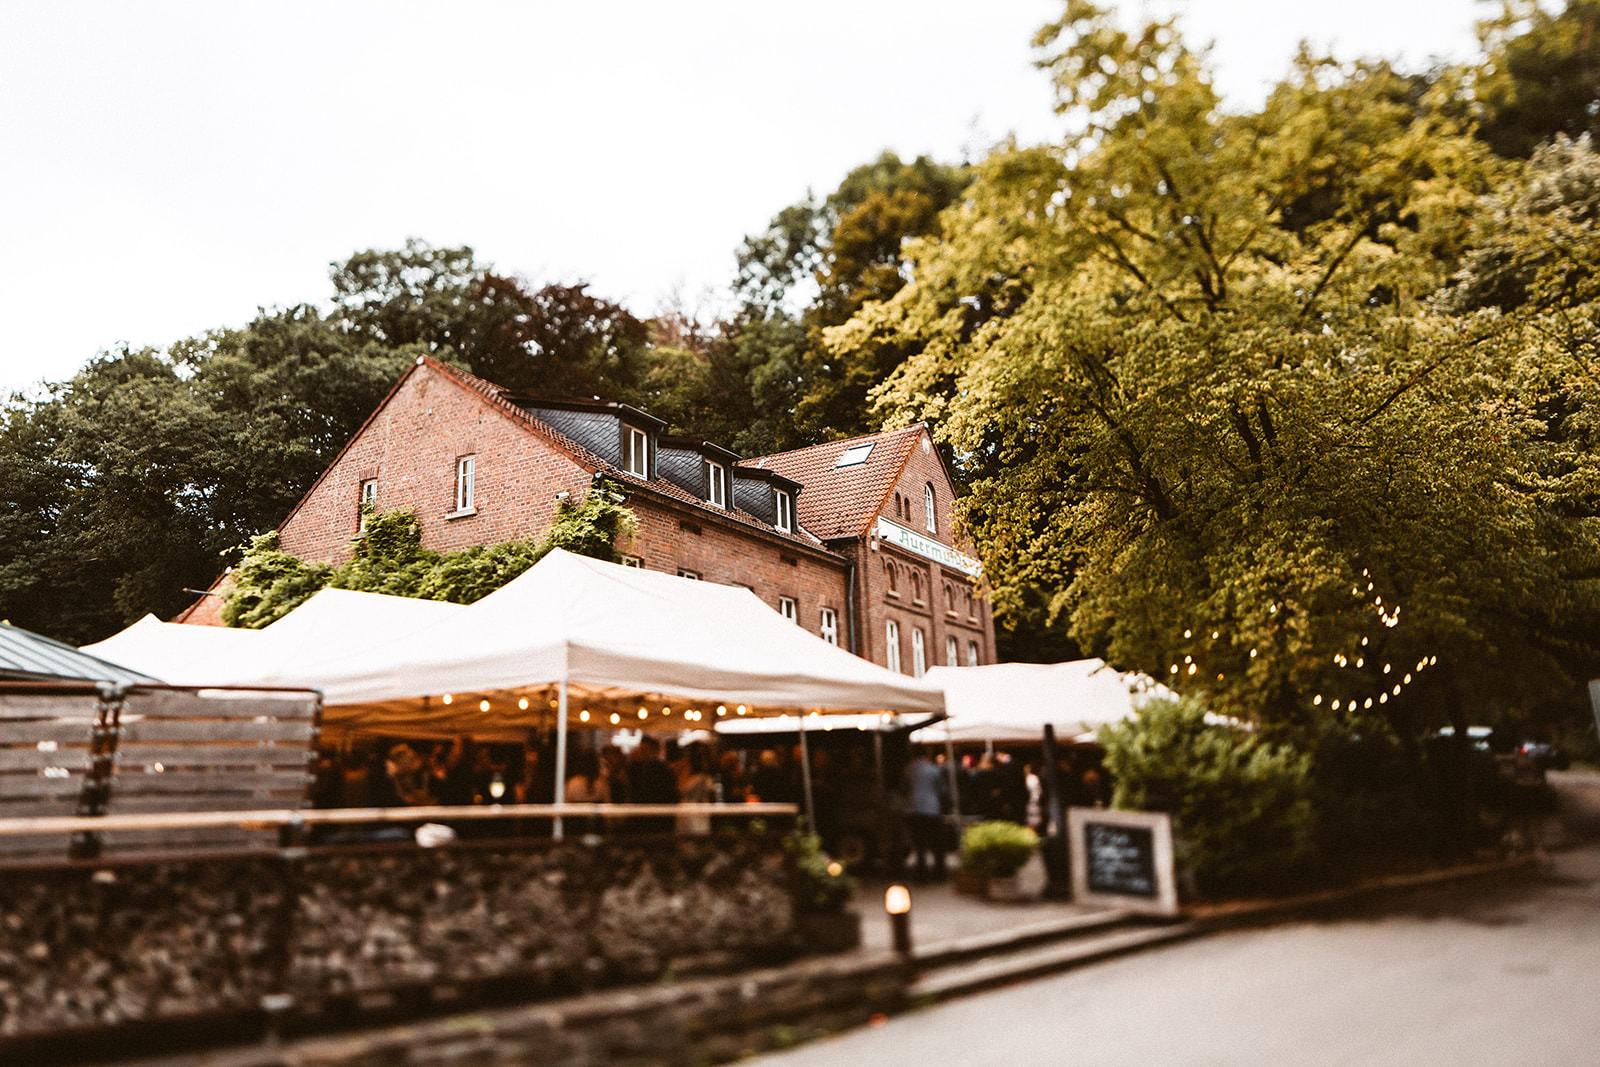 Auermuhle Hochzeitslocation Dusseldorf Diebahrnausen De